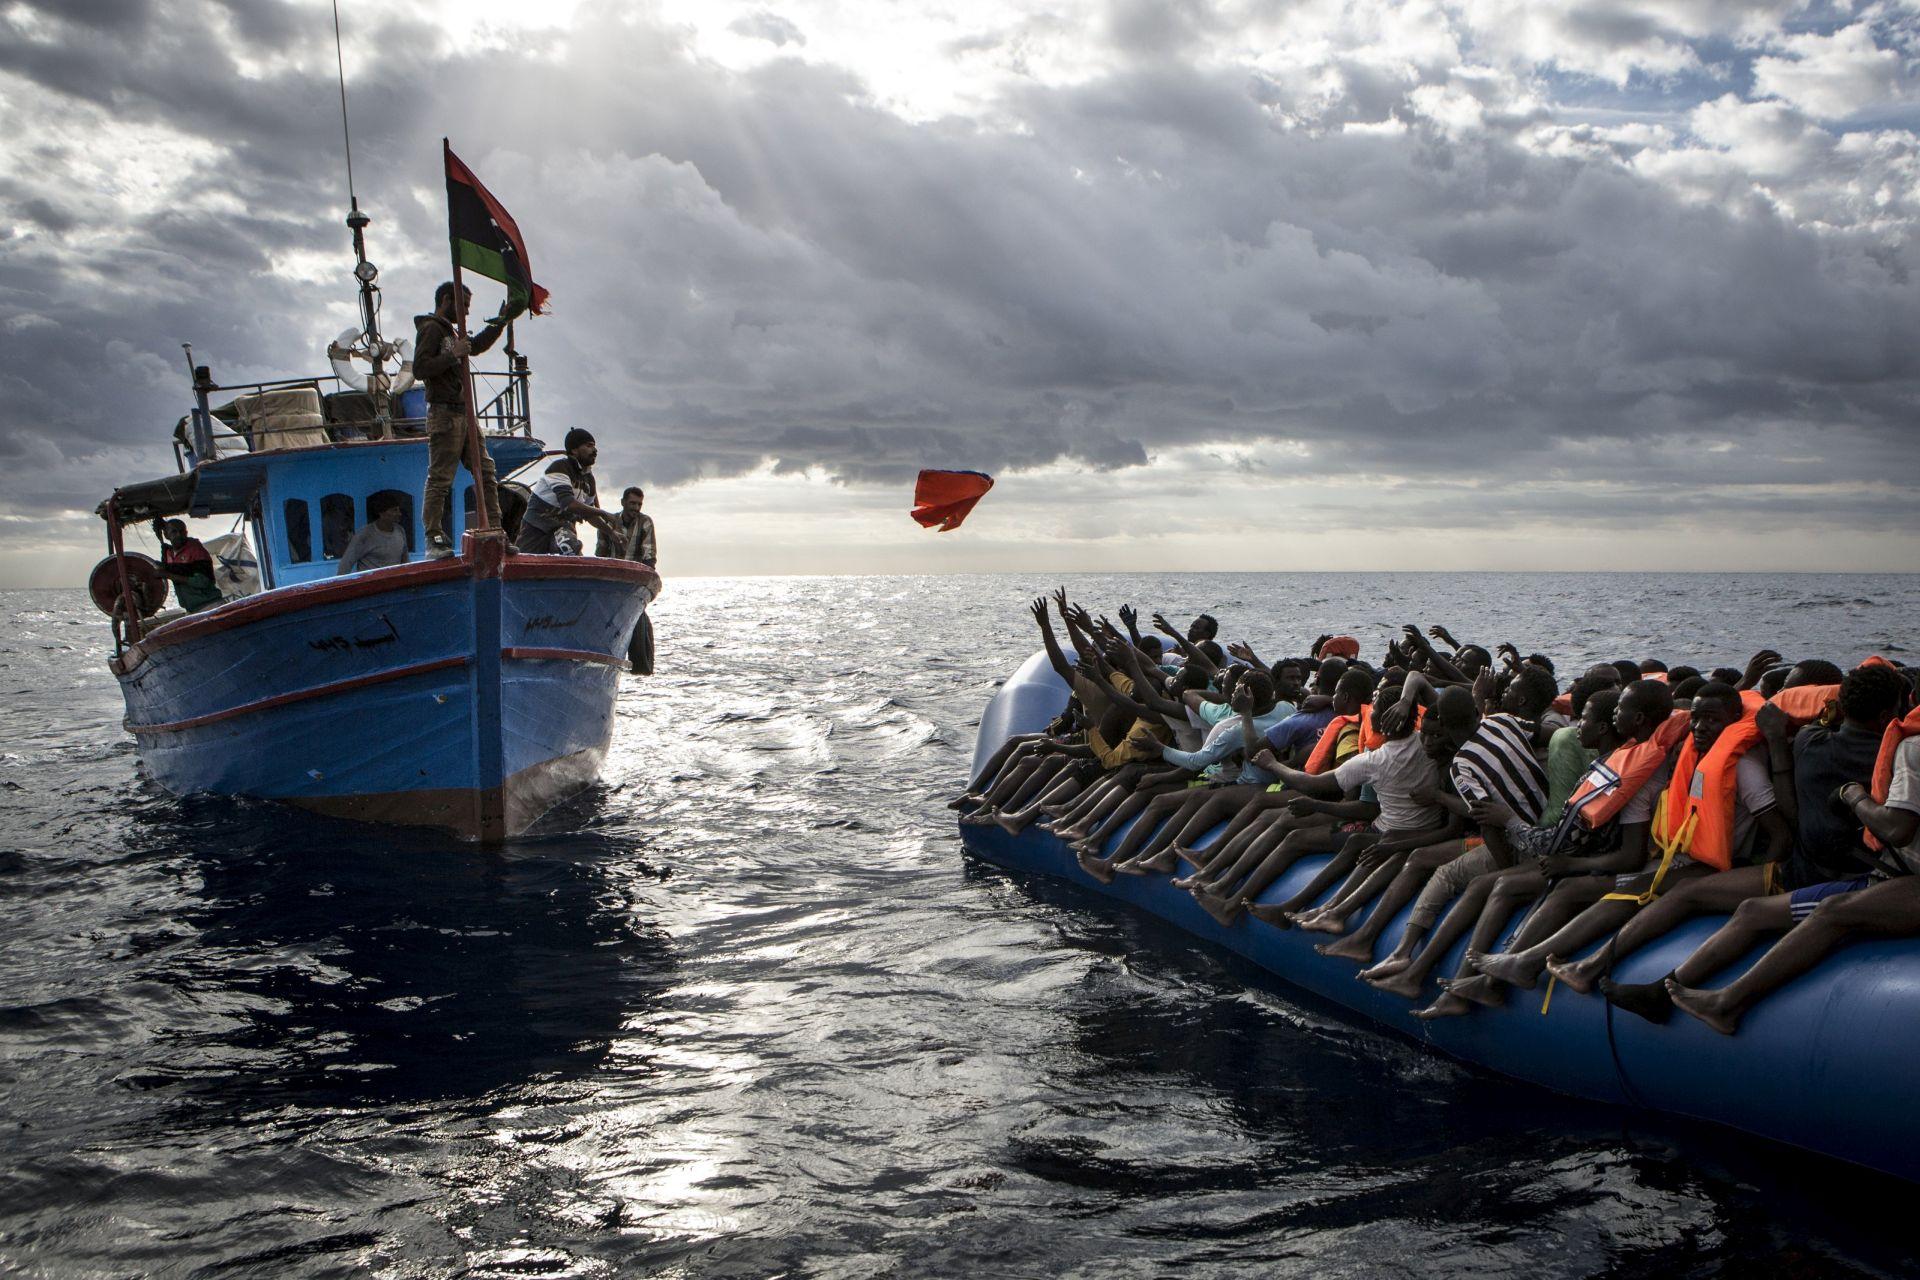 Broj migranata u Europu se prepolovio